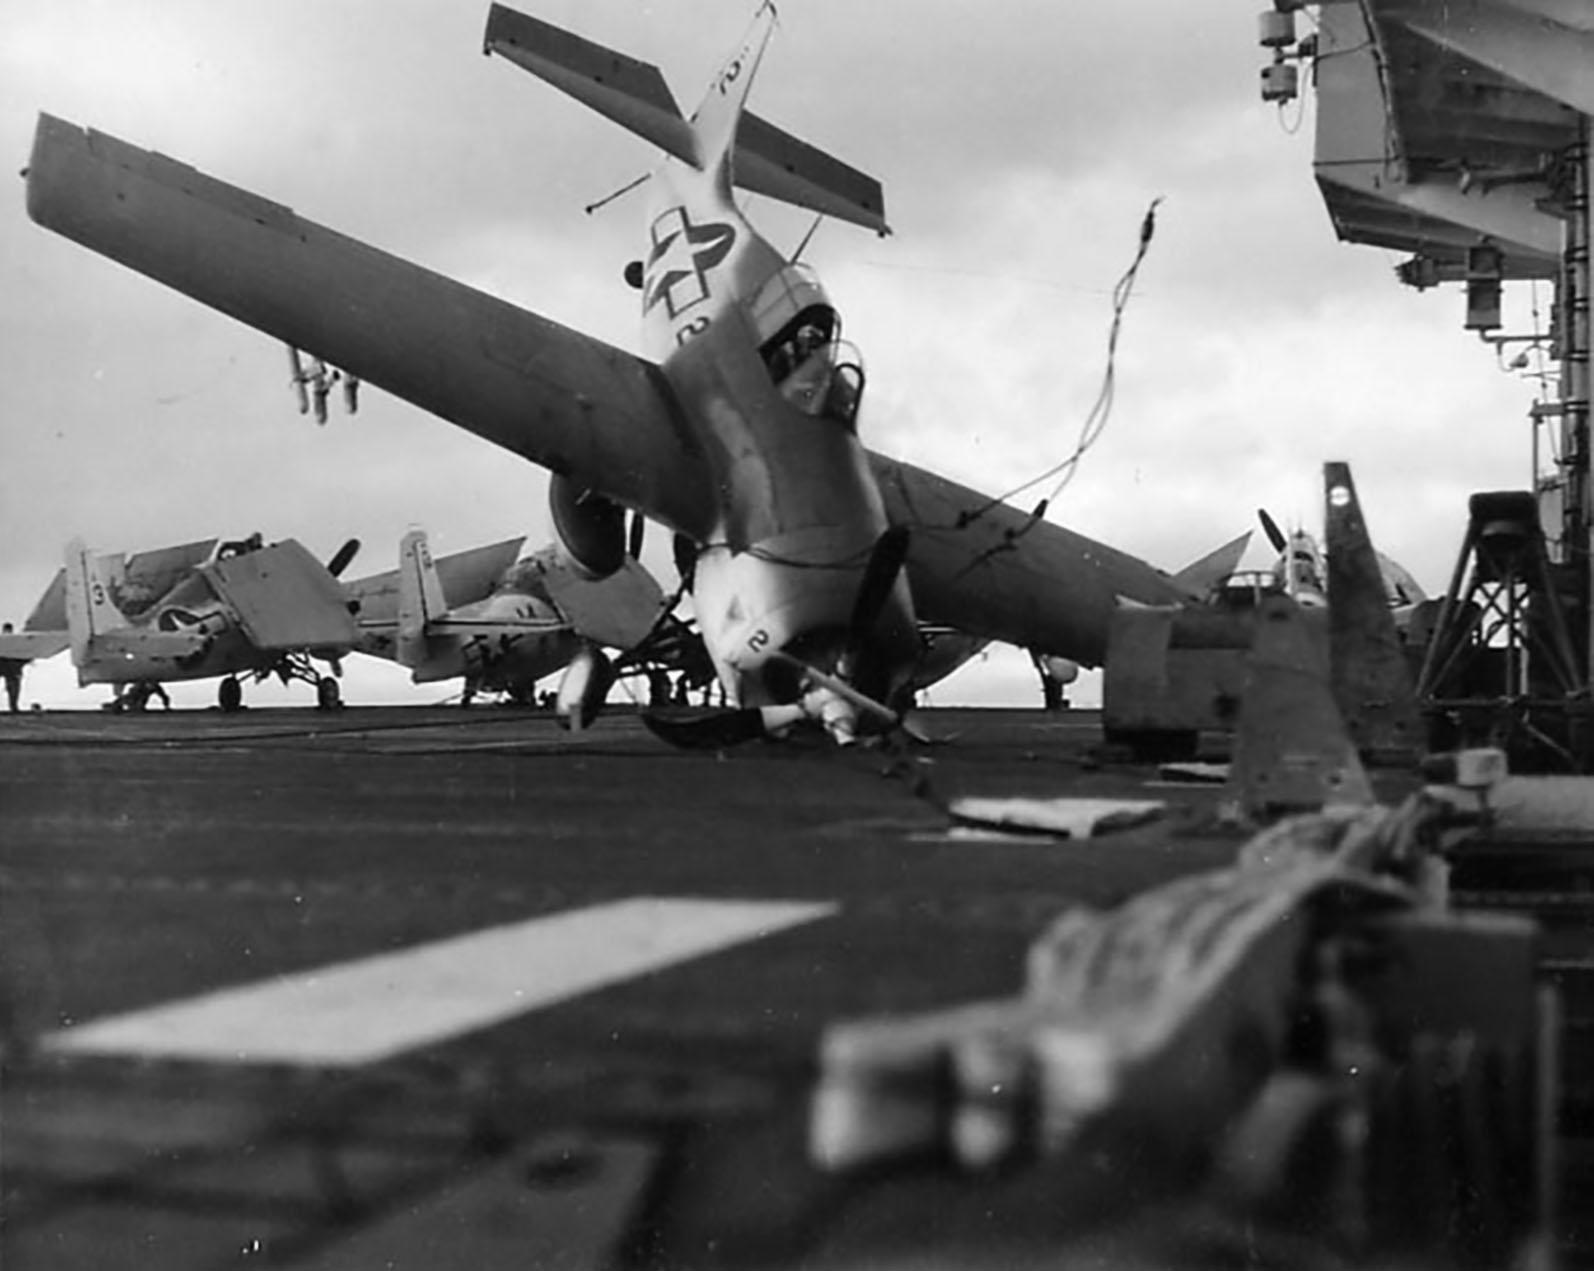 FM 2 Wildcat Black 2 landing mishap showing late war camuflage scheme 01